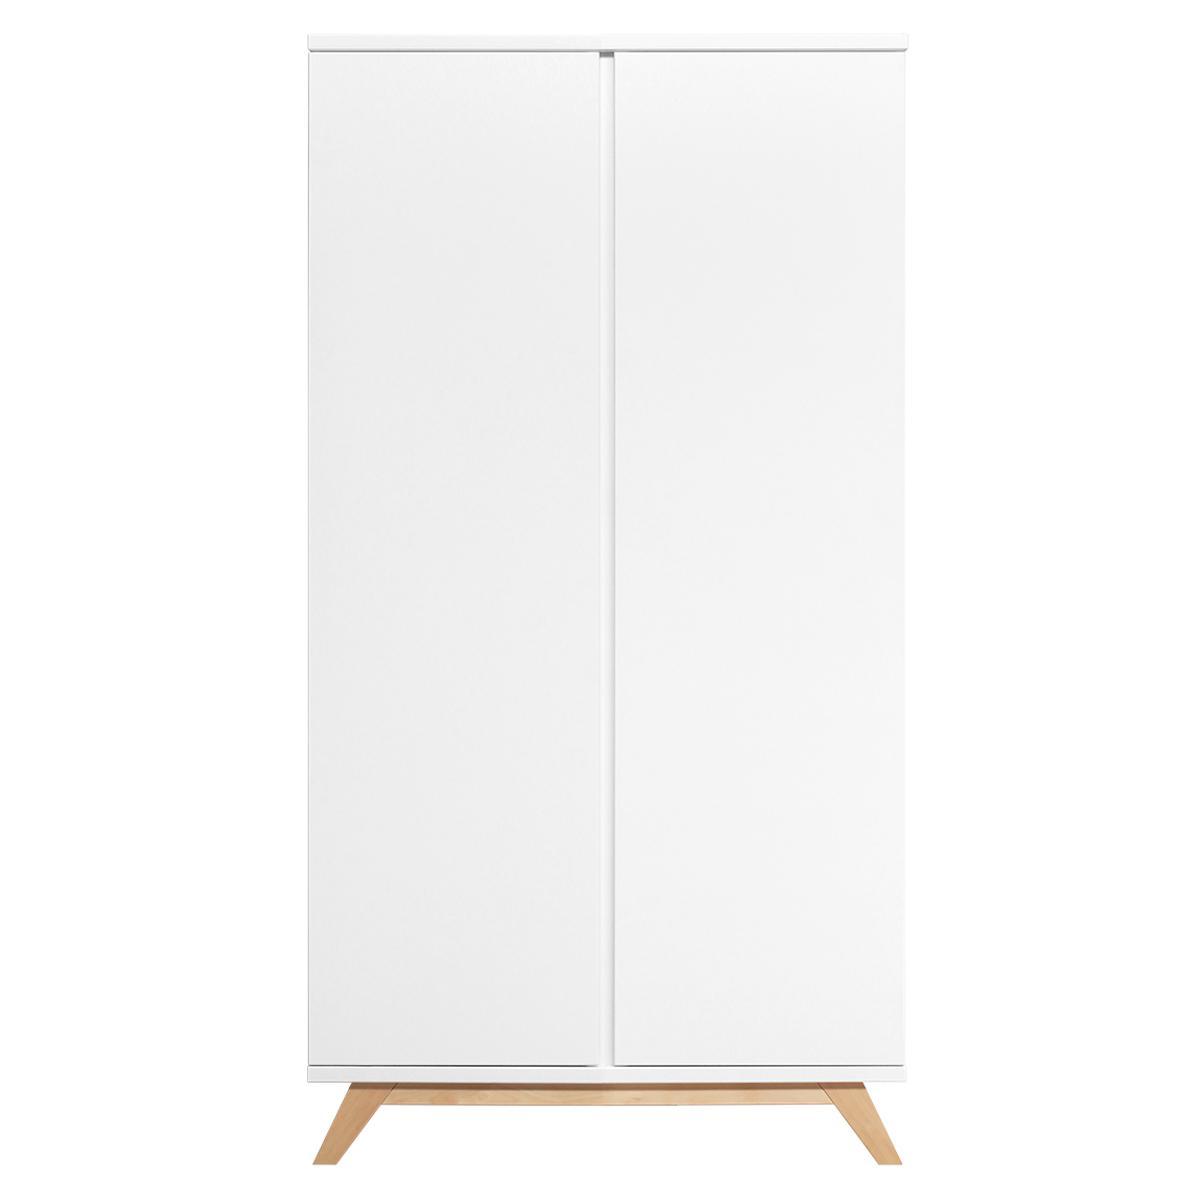 Armoire 2 portes XL LYNN Bopita blanc-naturel